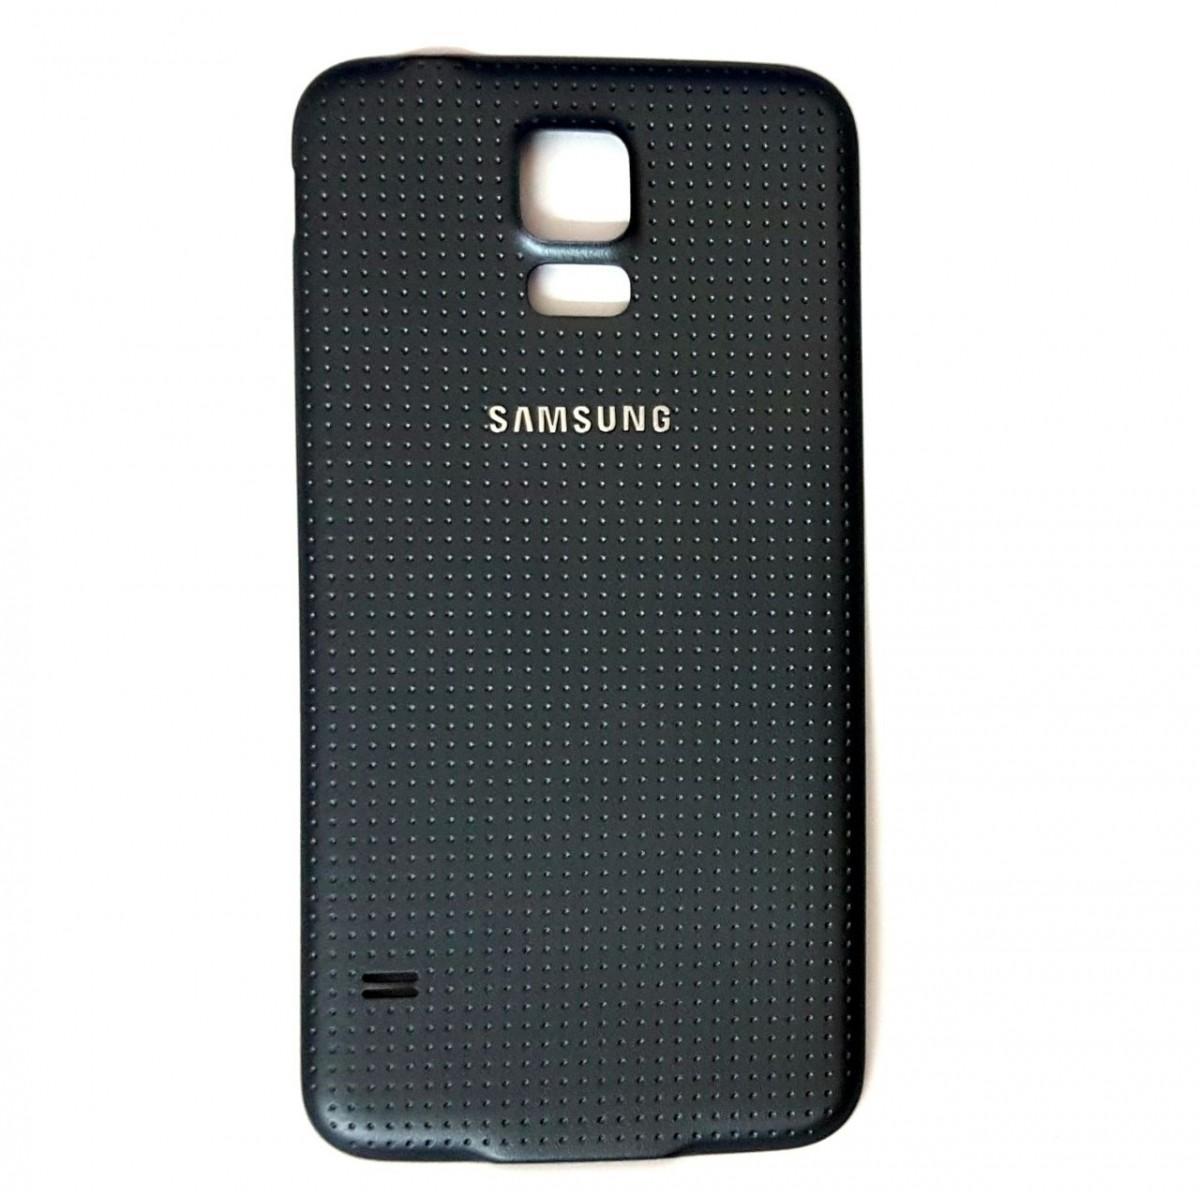 Tampa Bateria Traseira Samsung Galaxy S5 Sm-g900m Chumbo com Vedação